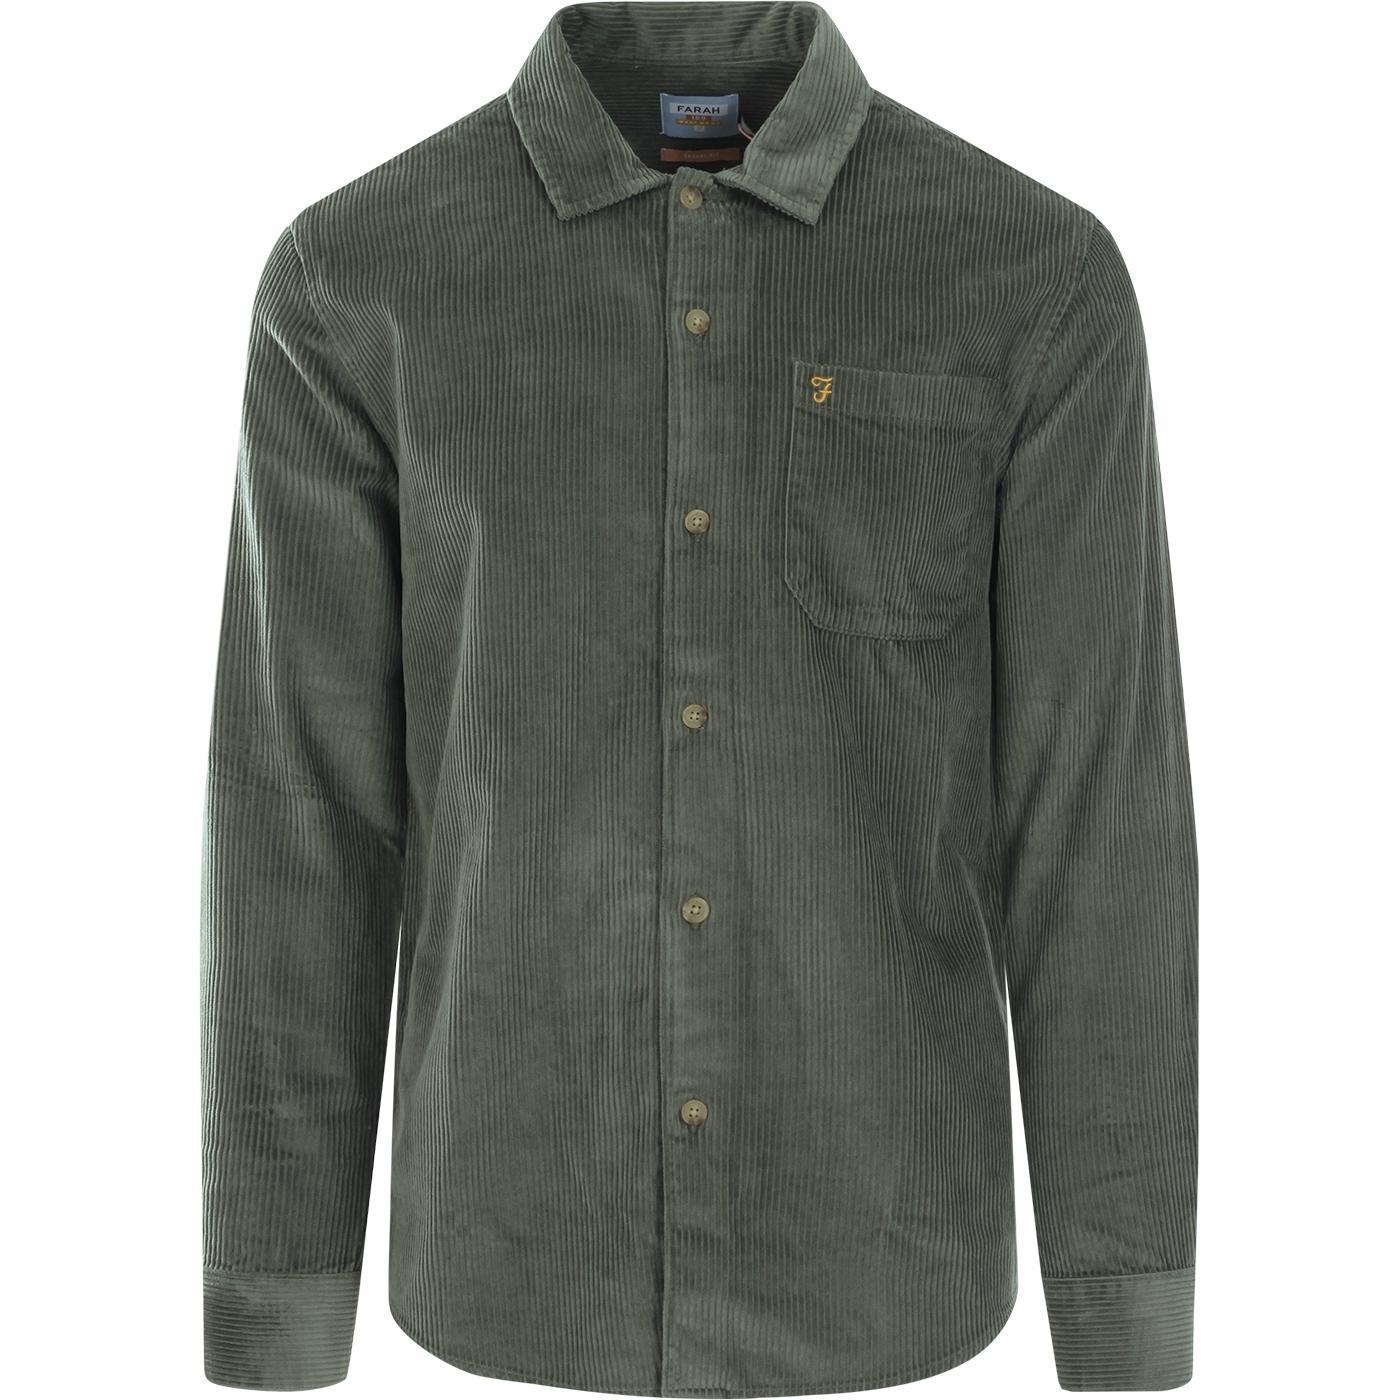 Wyman FARAH 100 Retro Jumbo Cord Overshirt (FG)